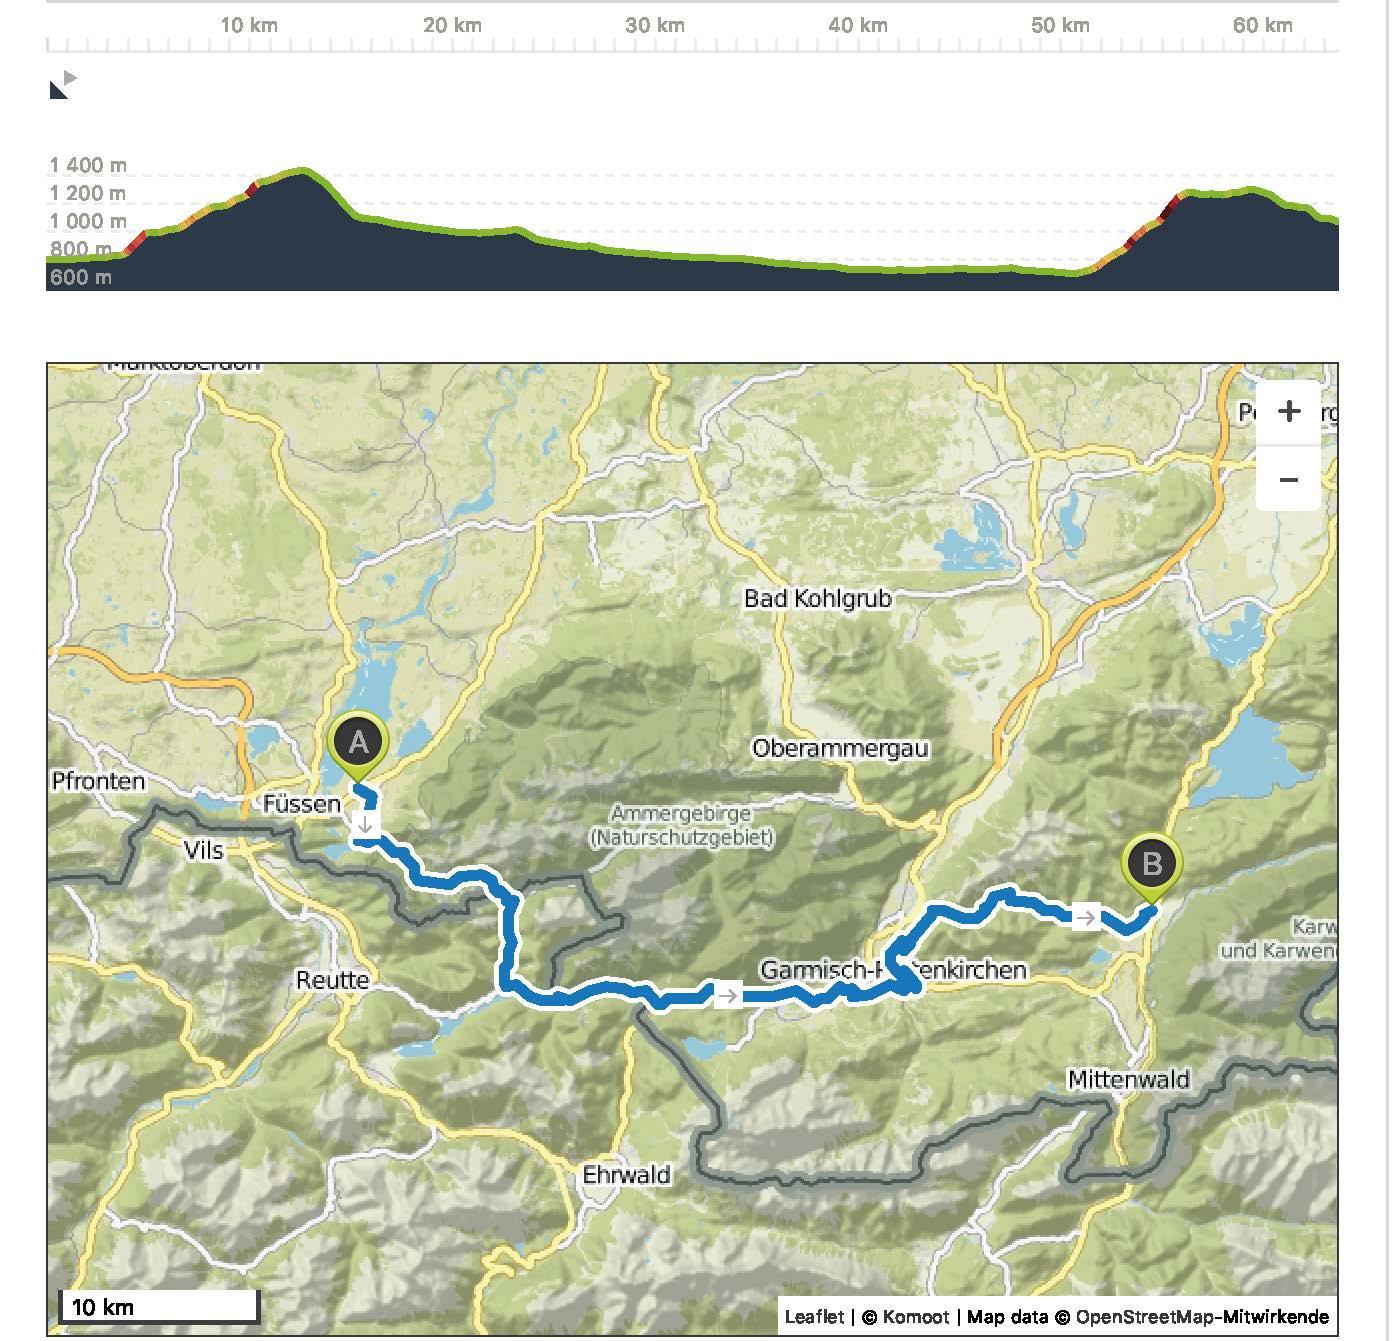 FC1_70-1567-1503 _ Mountainbike-Tour _ Komoot